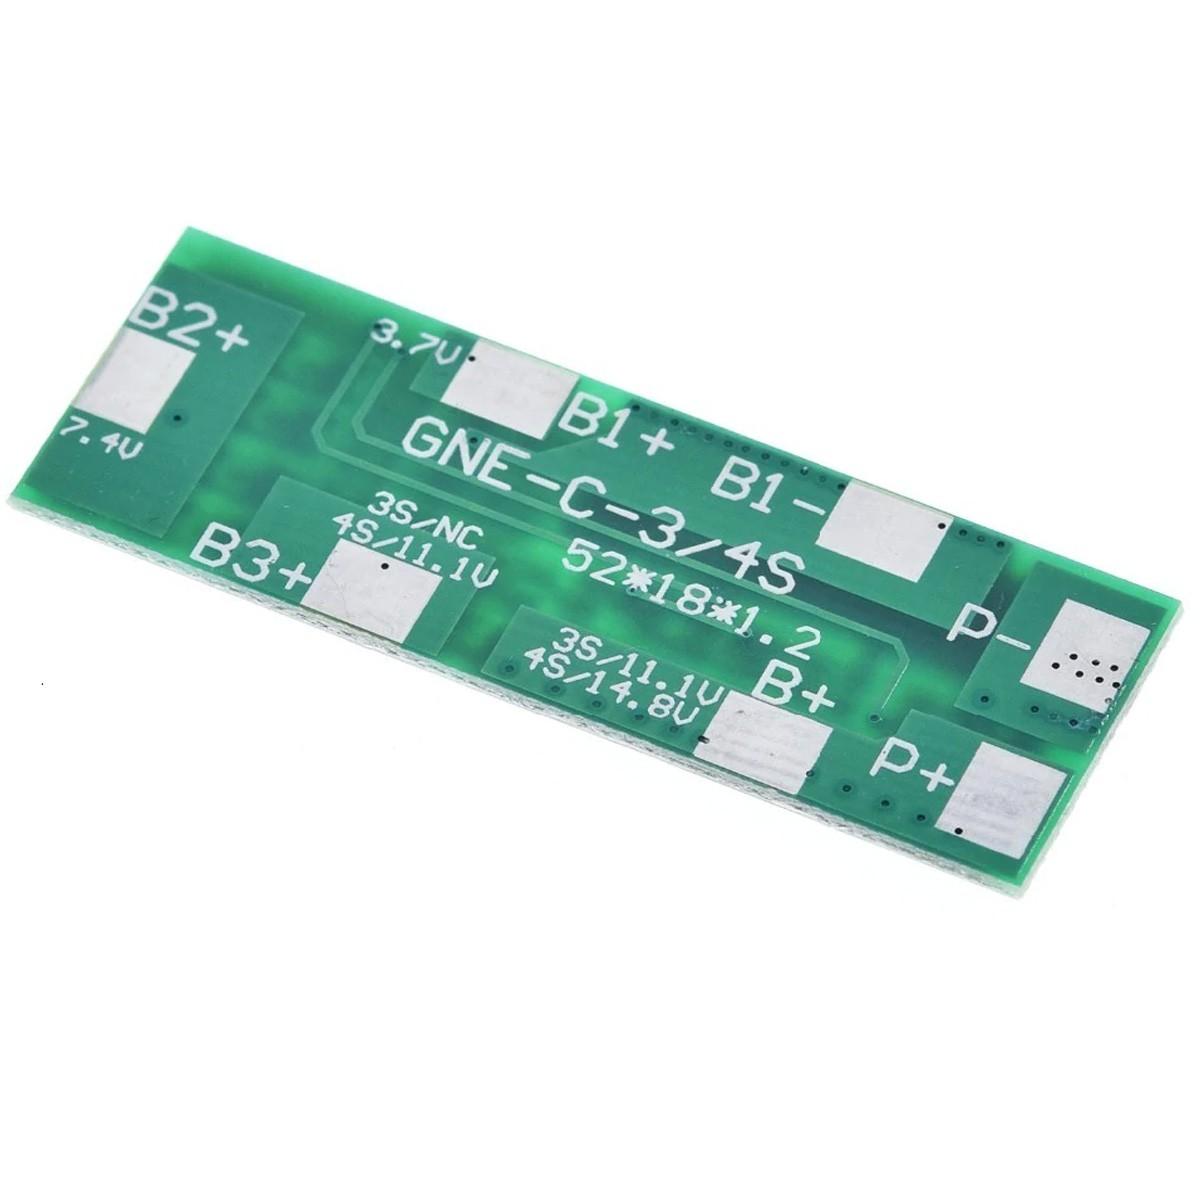 Placa para Carregar Baterias com Proteção Bms e Balanceamento 4S 8A